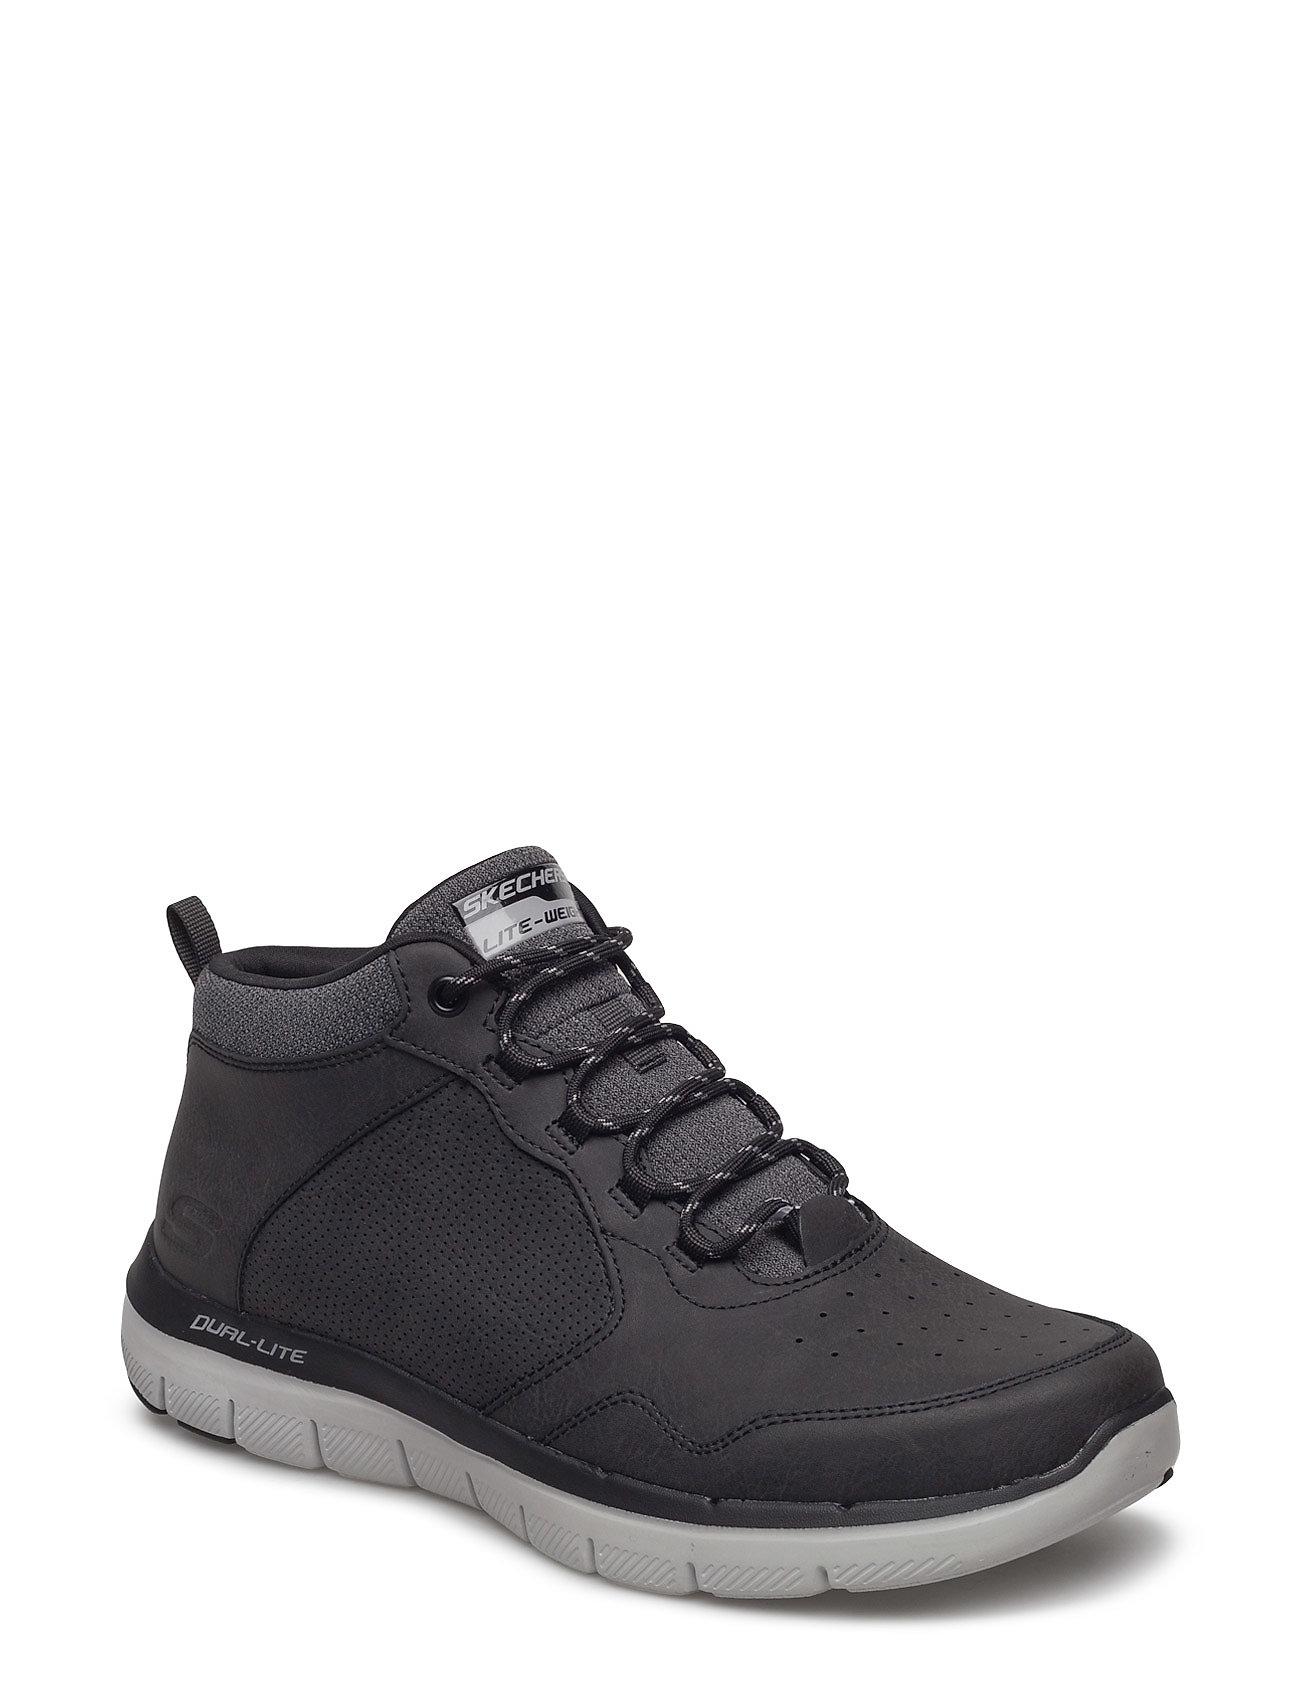 Mens Flex Advantage 2.0 - Chillston Skechers Sneakers til Herrer i